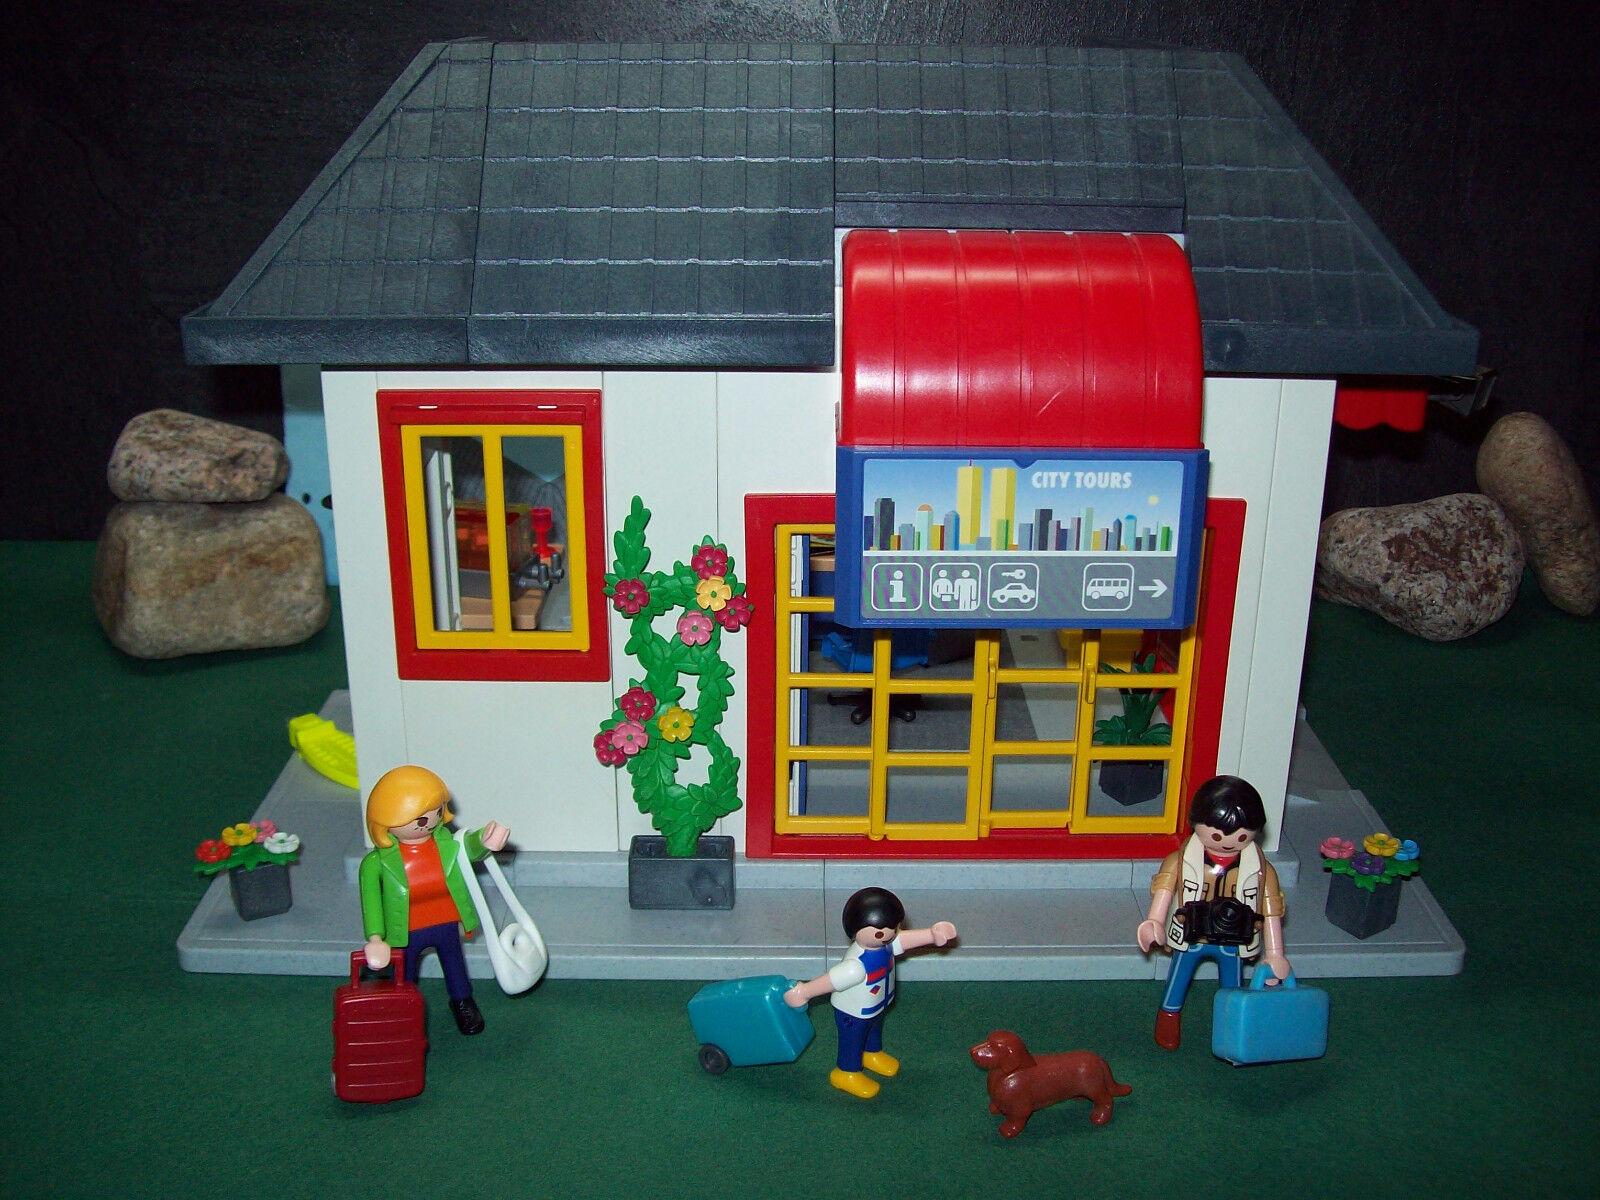 Playmobil Klettergerüst : Playmobil cityhaus a mit reisebüro